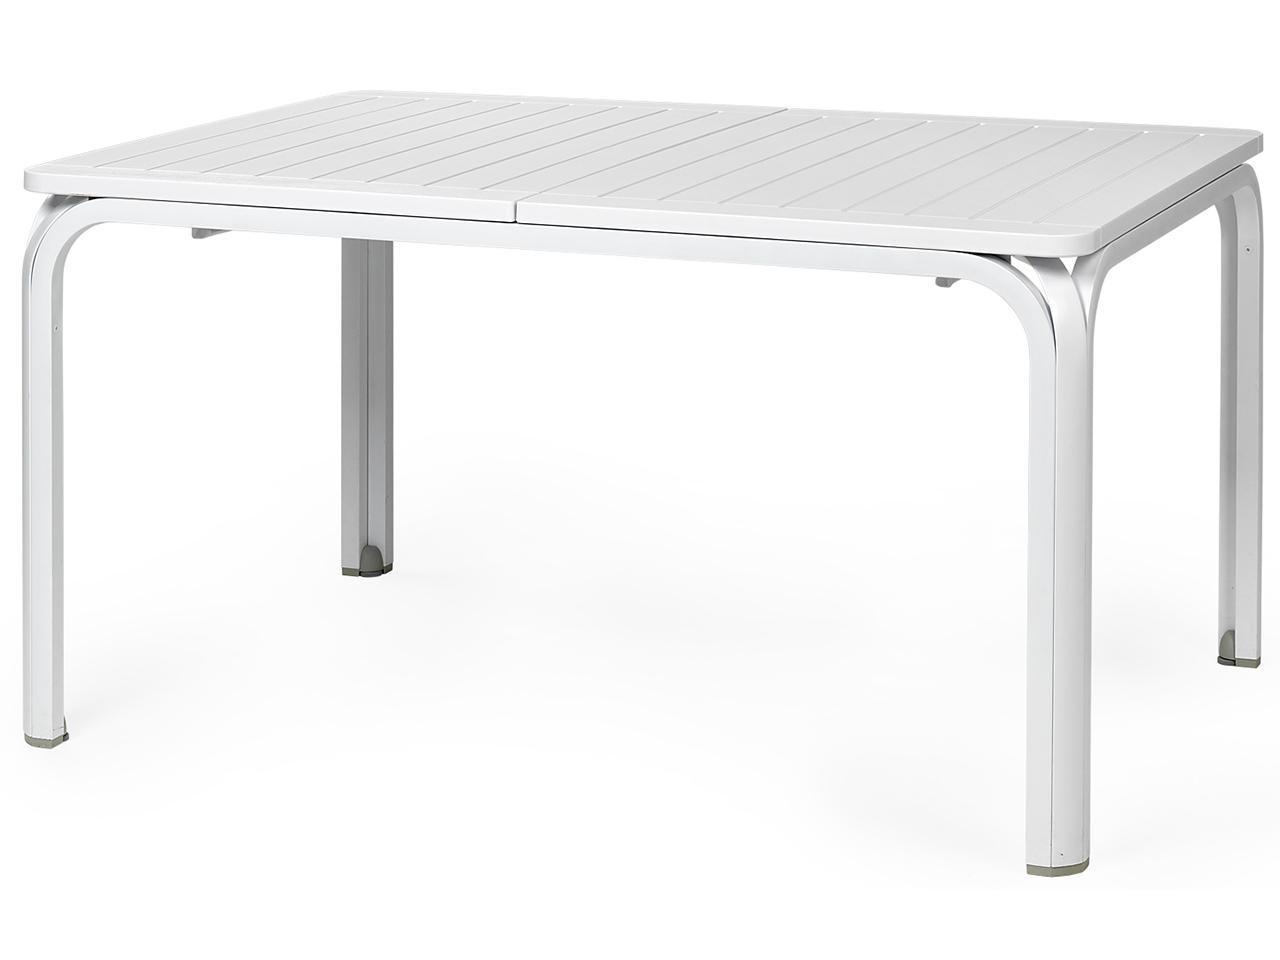 Стол пластиковый раздвижной 141 Extensible Alloro